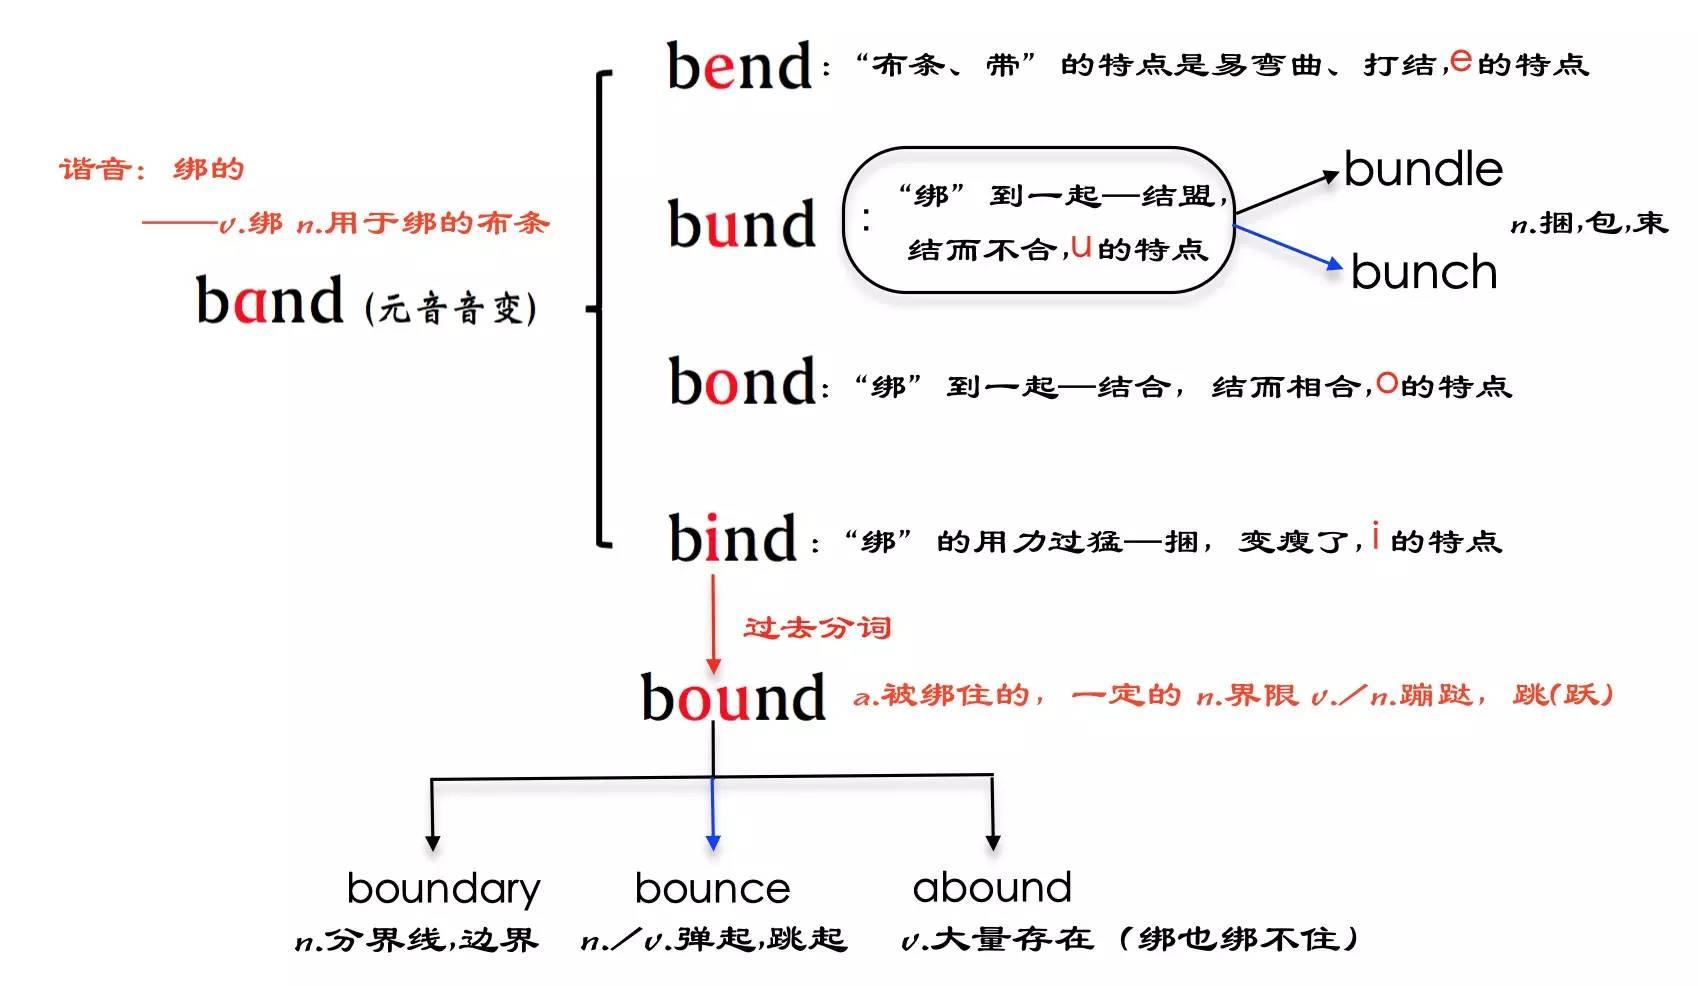 band是什么意思(band翻译成中文)